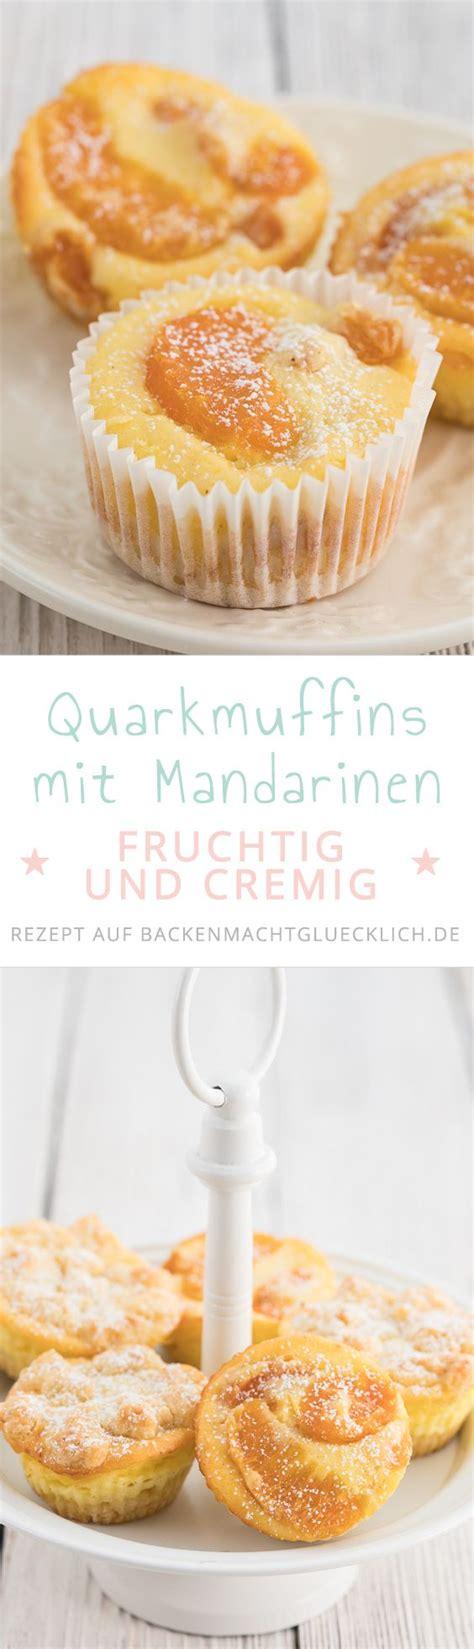 schnelle käsekuchen muffins best 25 muffins ideas on muffin recipes